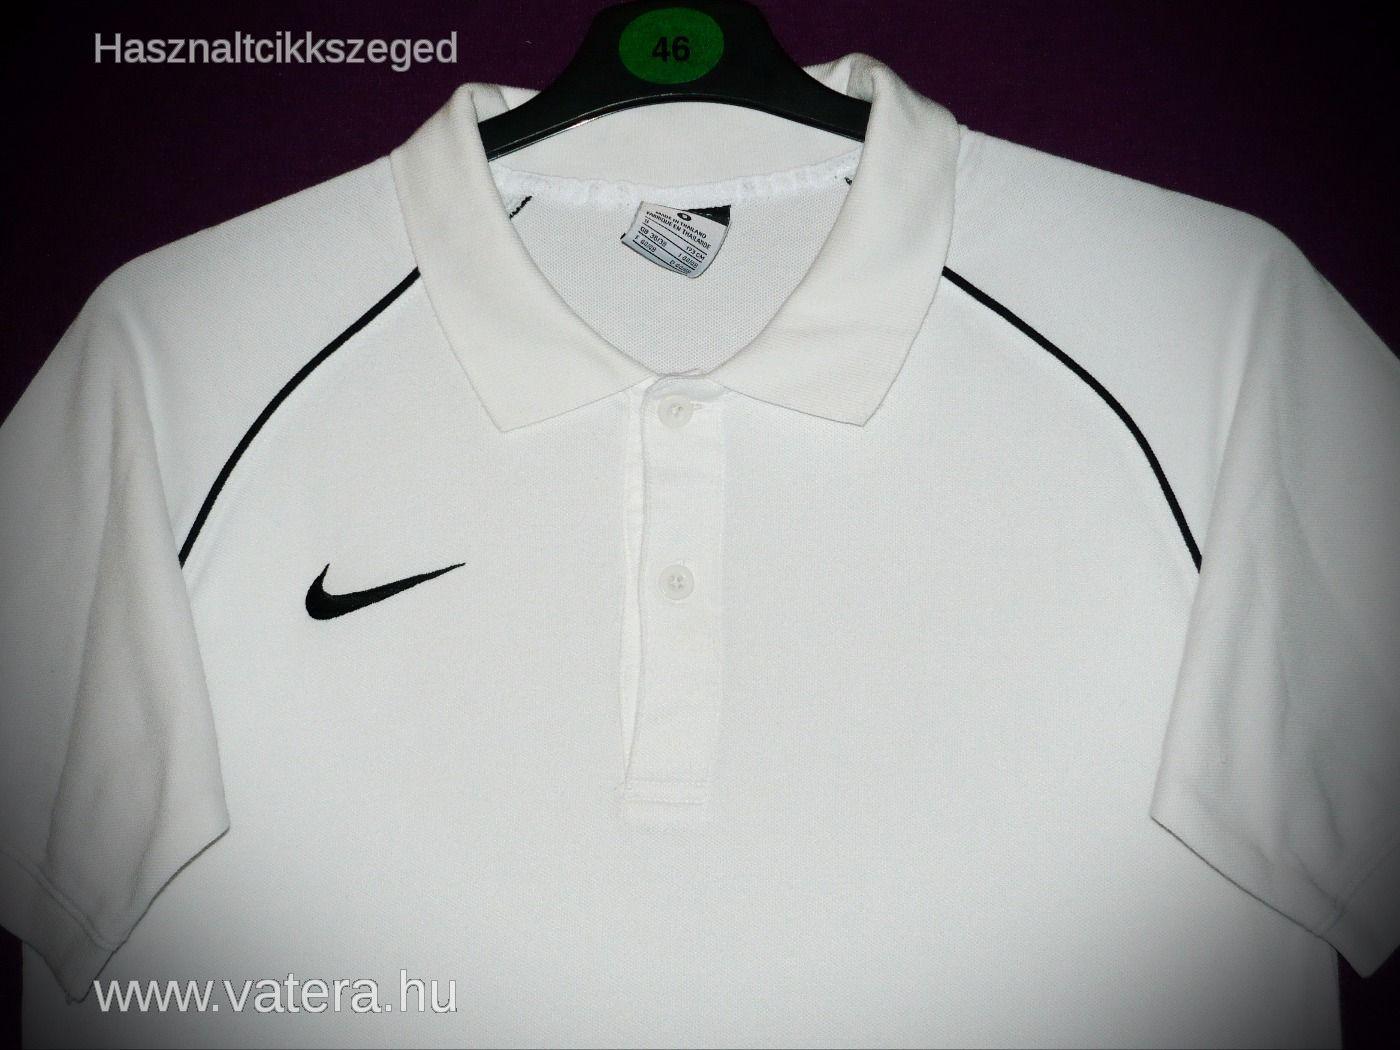 Nike DRI-FIT férfi fehér galléros póló S - 3500 Ft - (meghosszabbítva  3b2232bff3